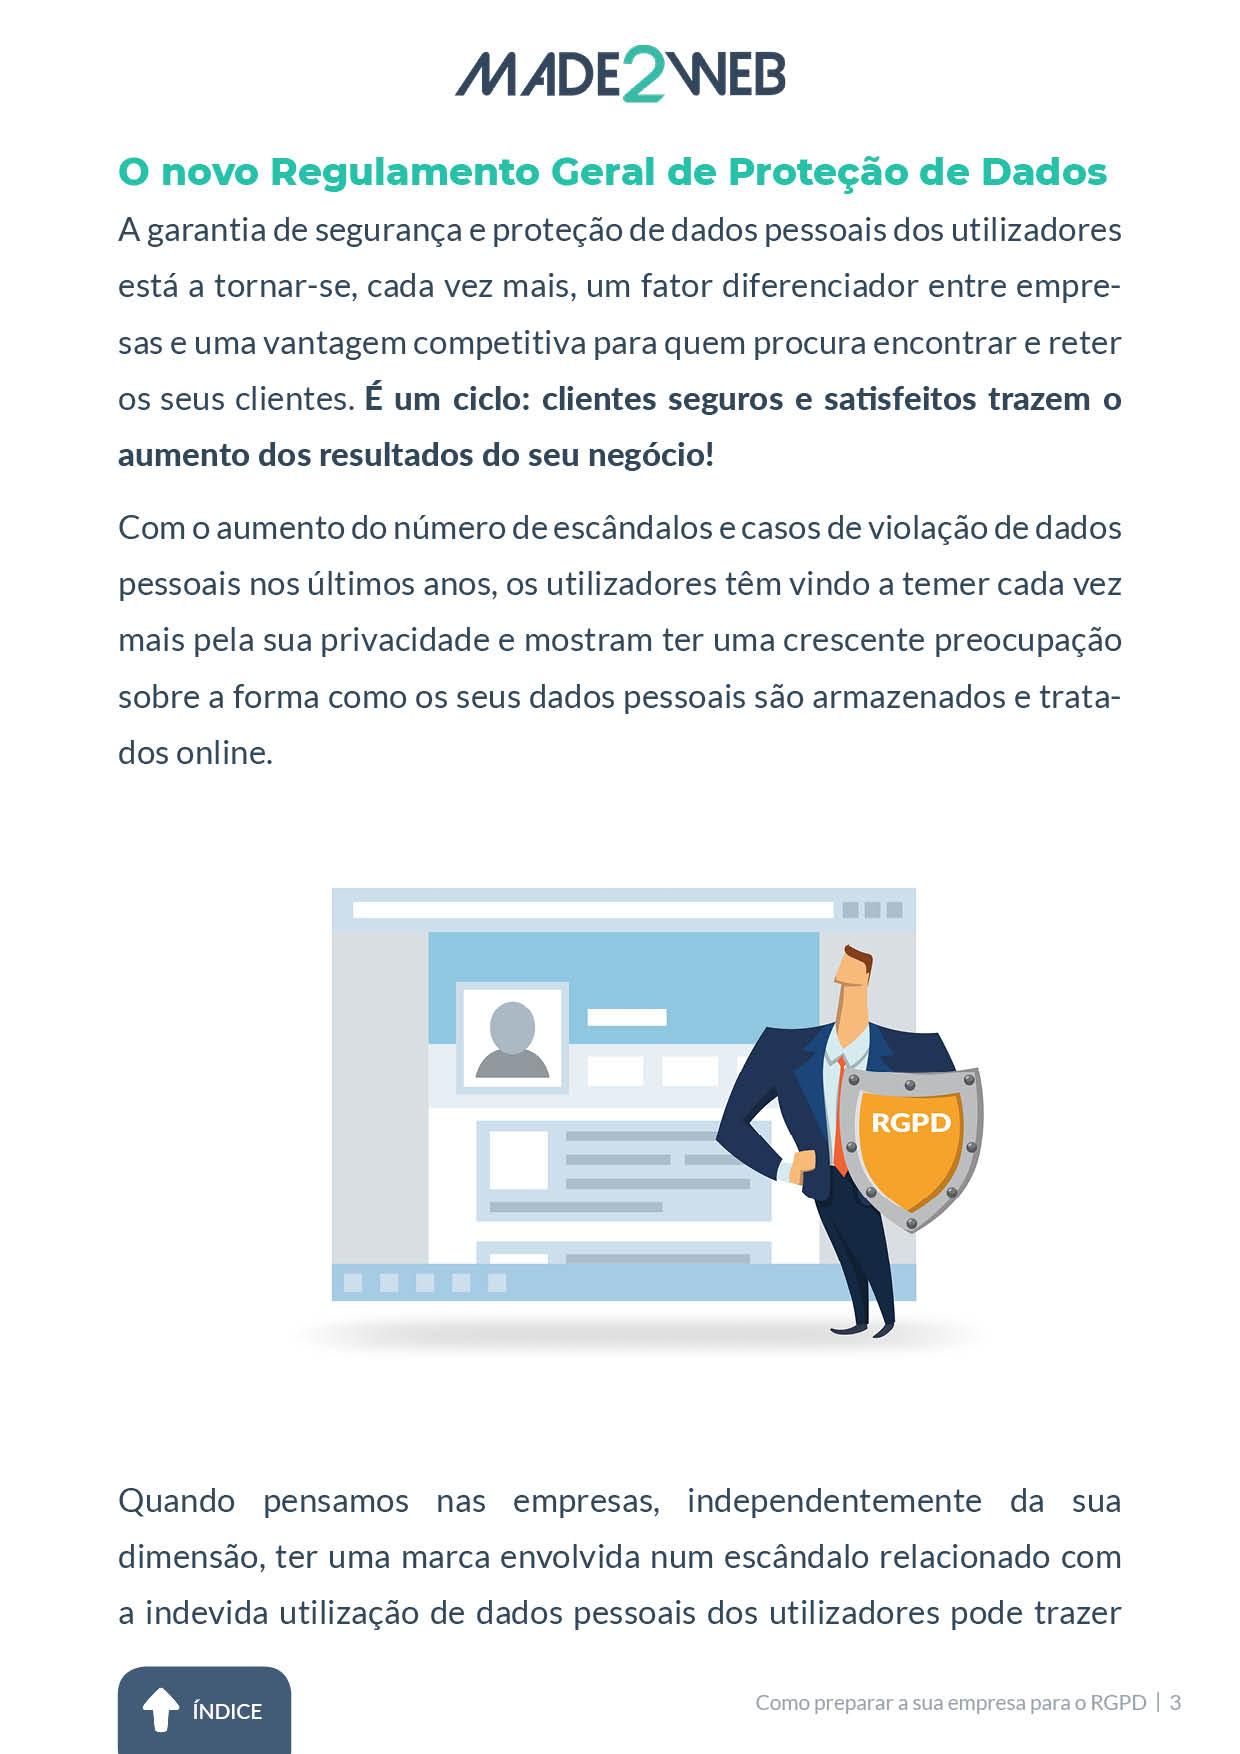 Ebook - Como Preparar a sua Empresa para o RGPD - preview2